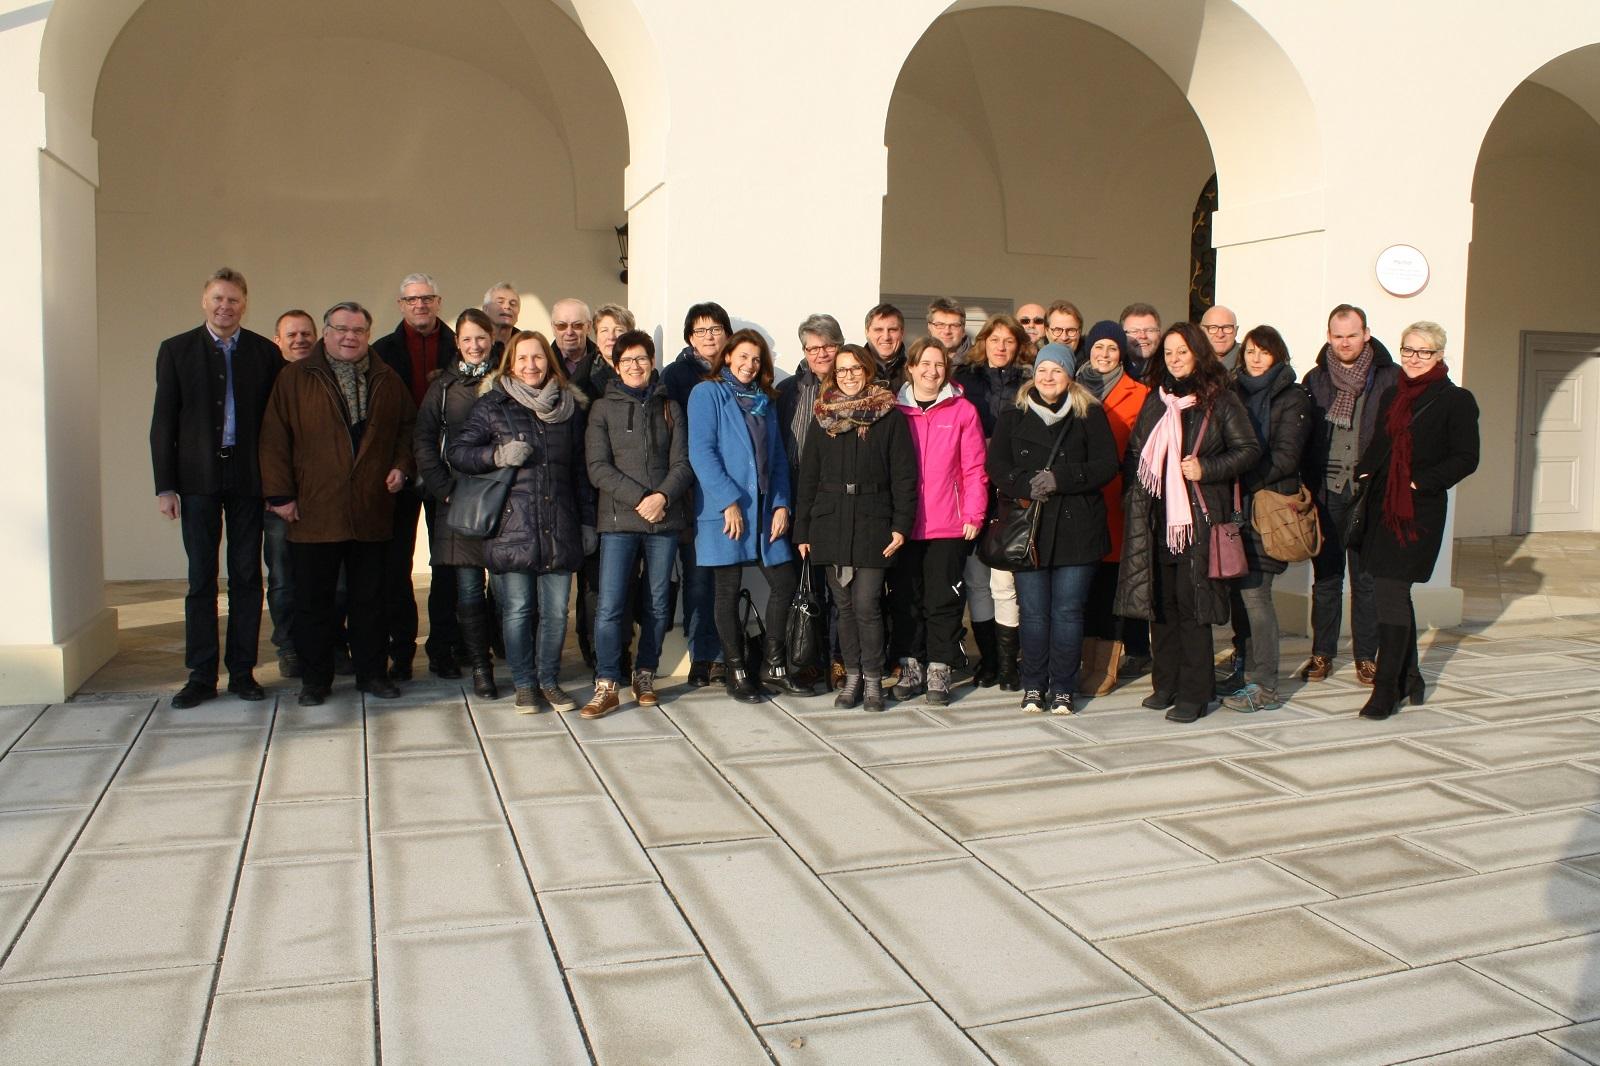 Gemeinsam das Beste für Menschen mit Behinderung erreichen: Drei Tage standen Vorstand, Geschäftsleitung und Einrichtungsleitungen der Lebenshilfe Nürnberger Land bei ihrer Klausurtagung in Passau intensiv im Dialog. Auf der Tagesordnung standen Themen wi